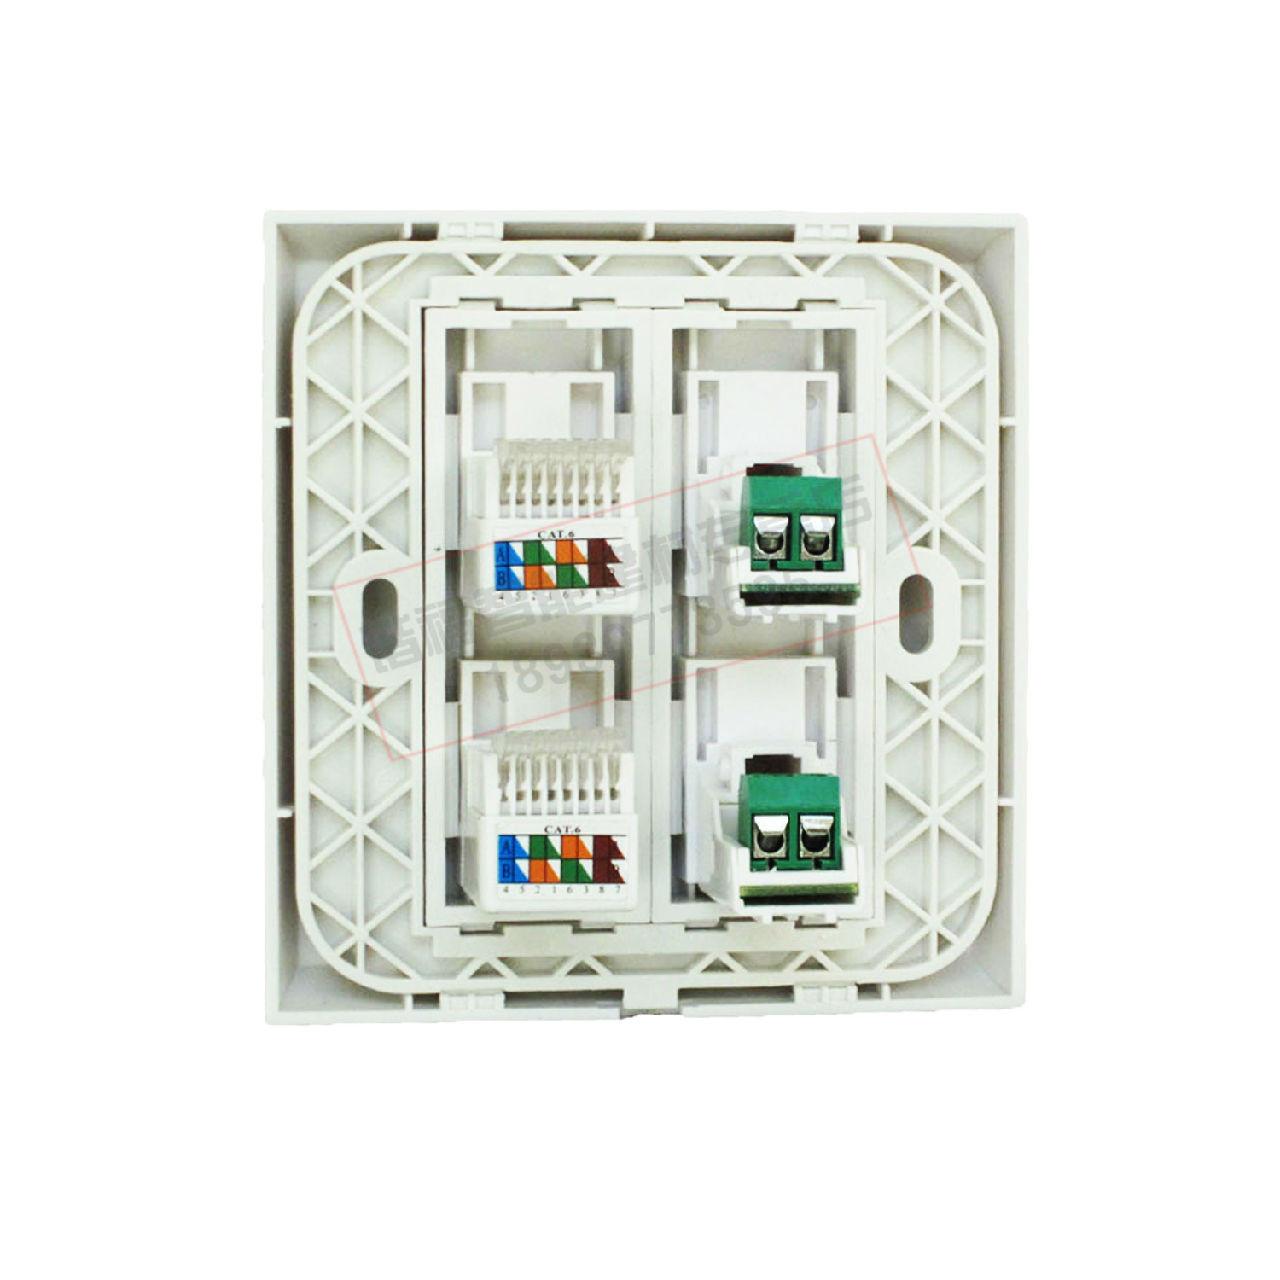 (双口电话+双口网络)弱电面板插座